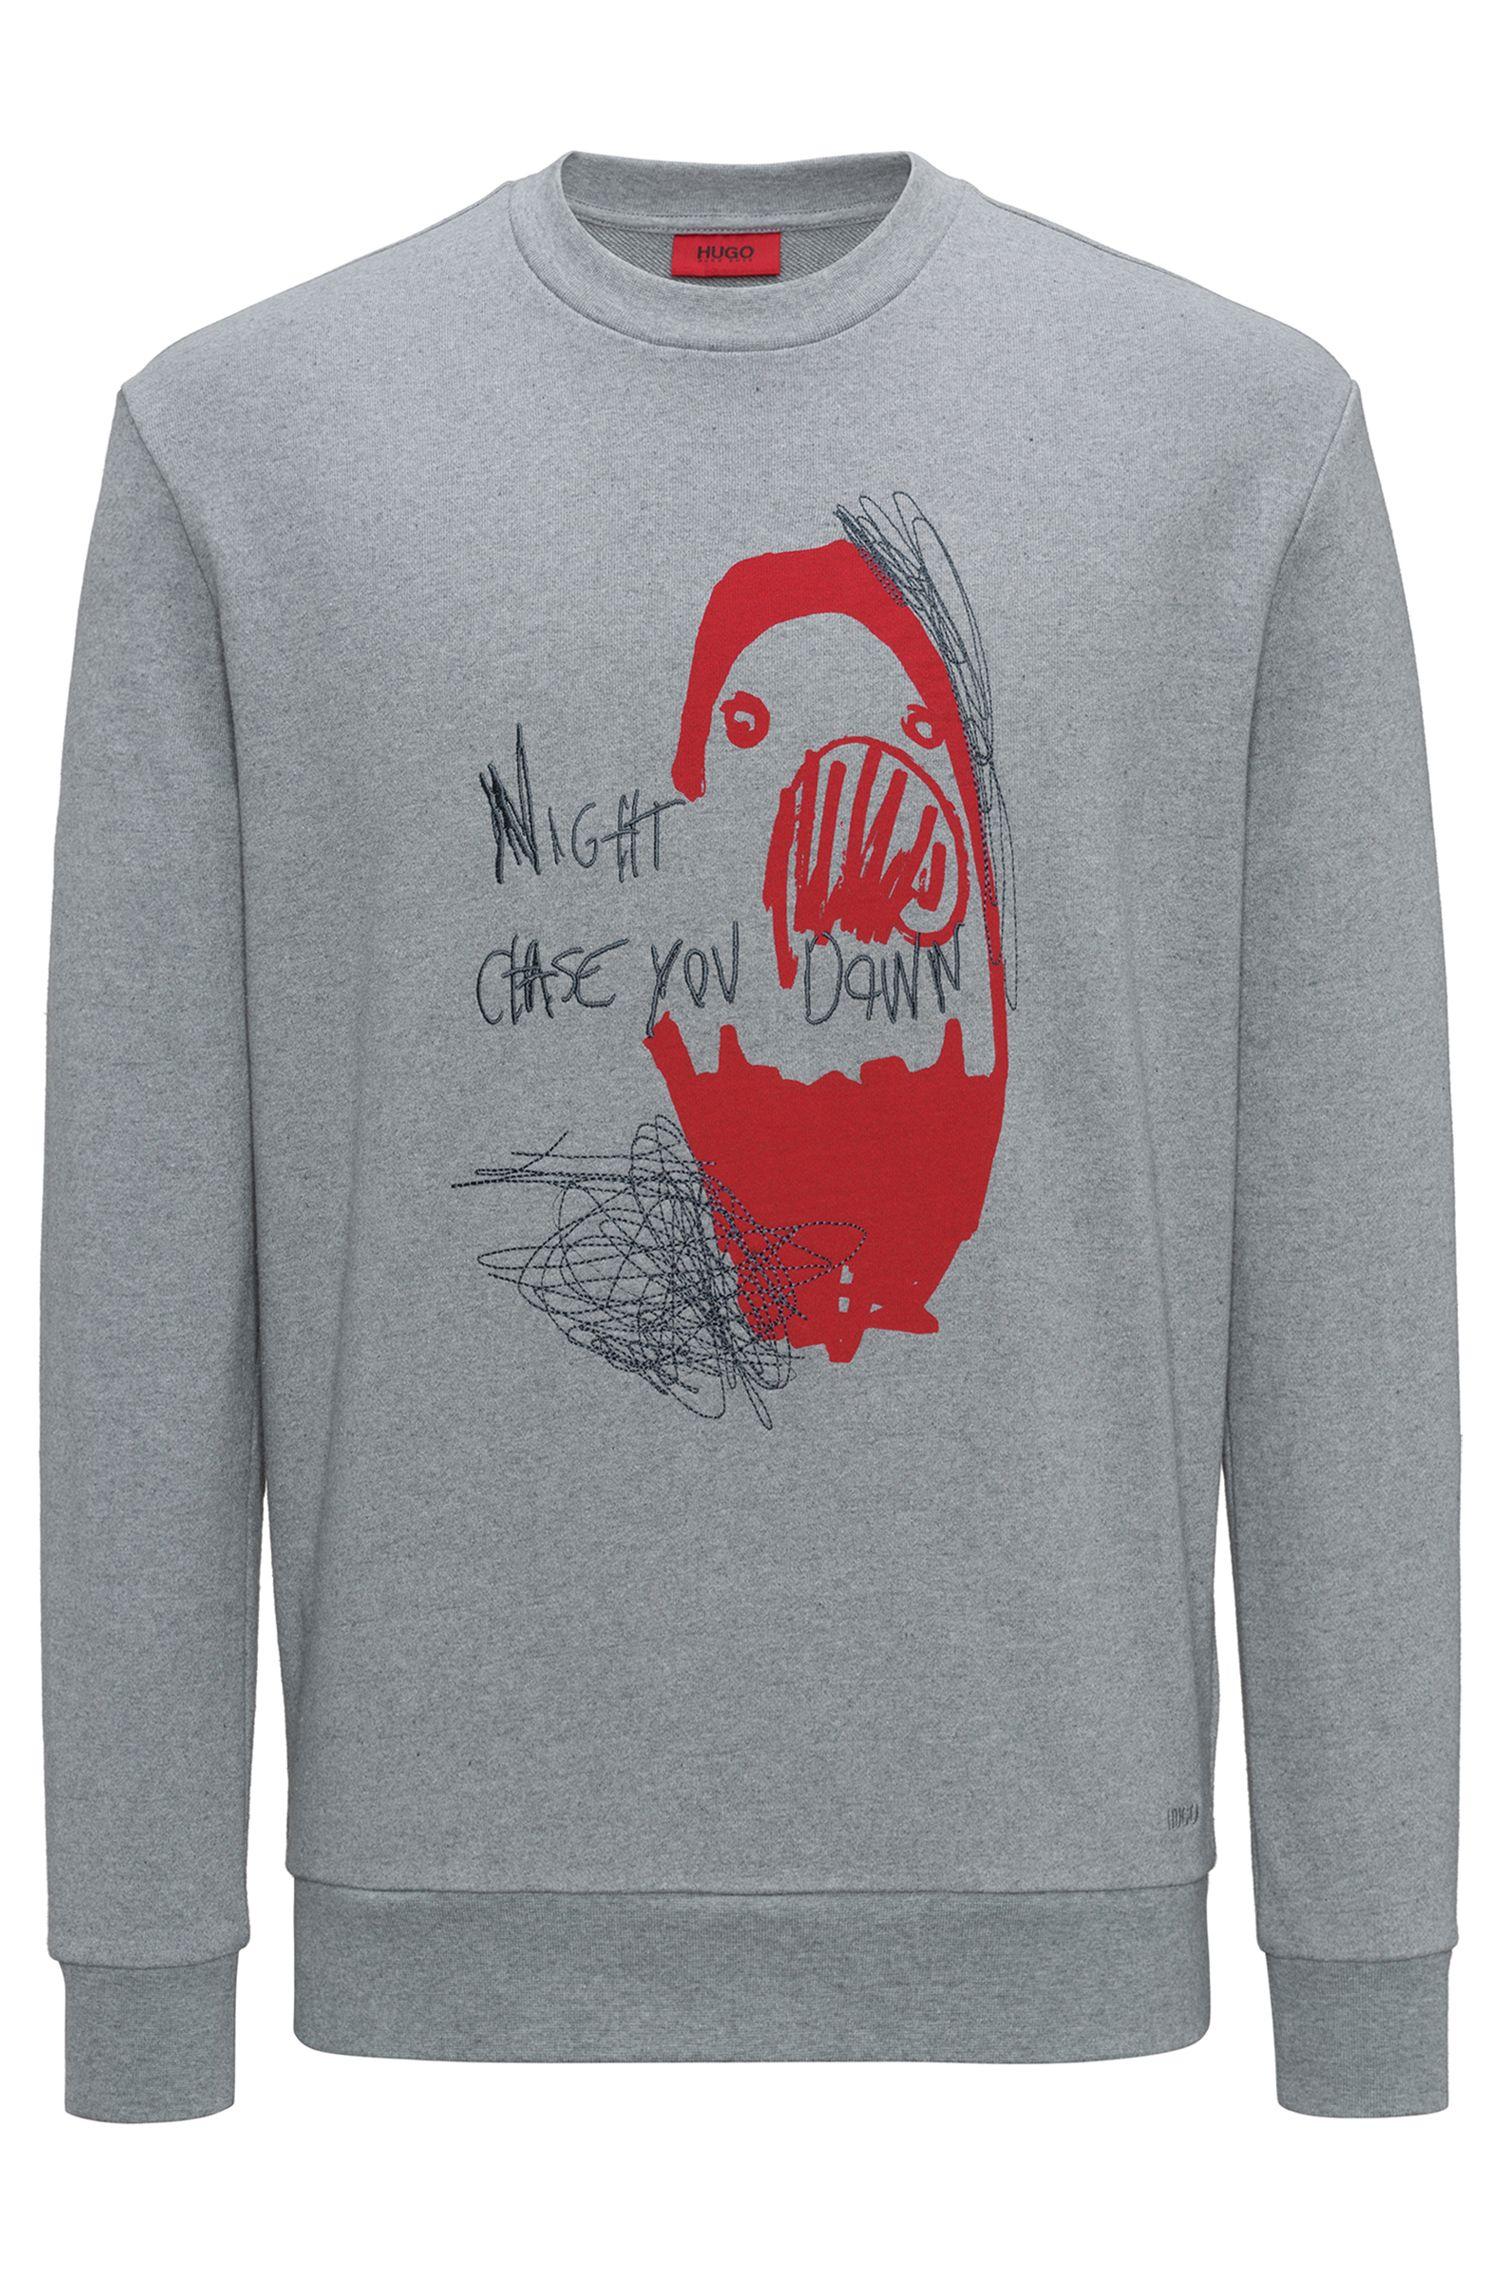 Baumwoll-Sweatshirt mit Slogan und Artwork